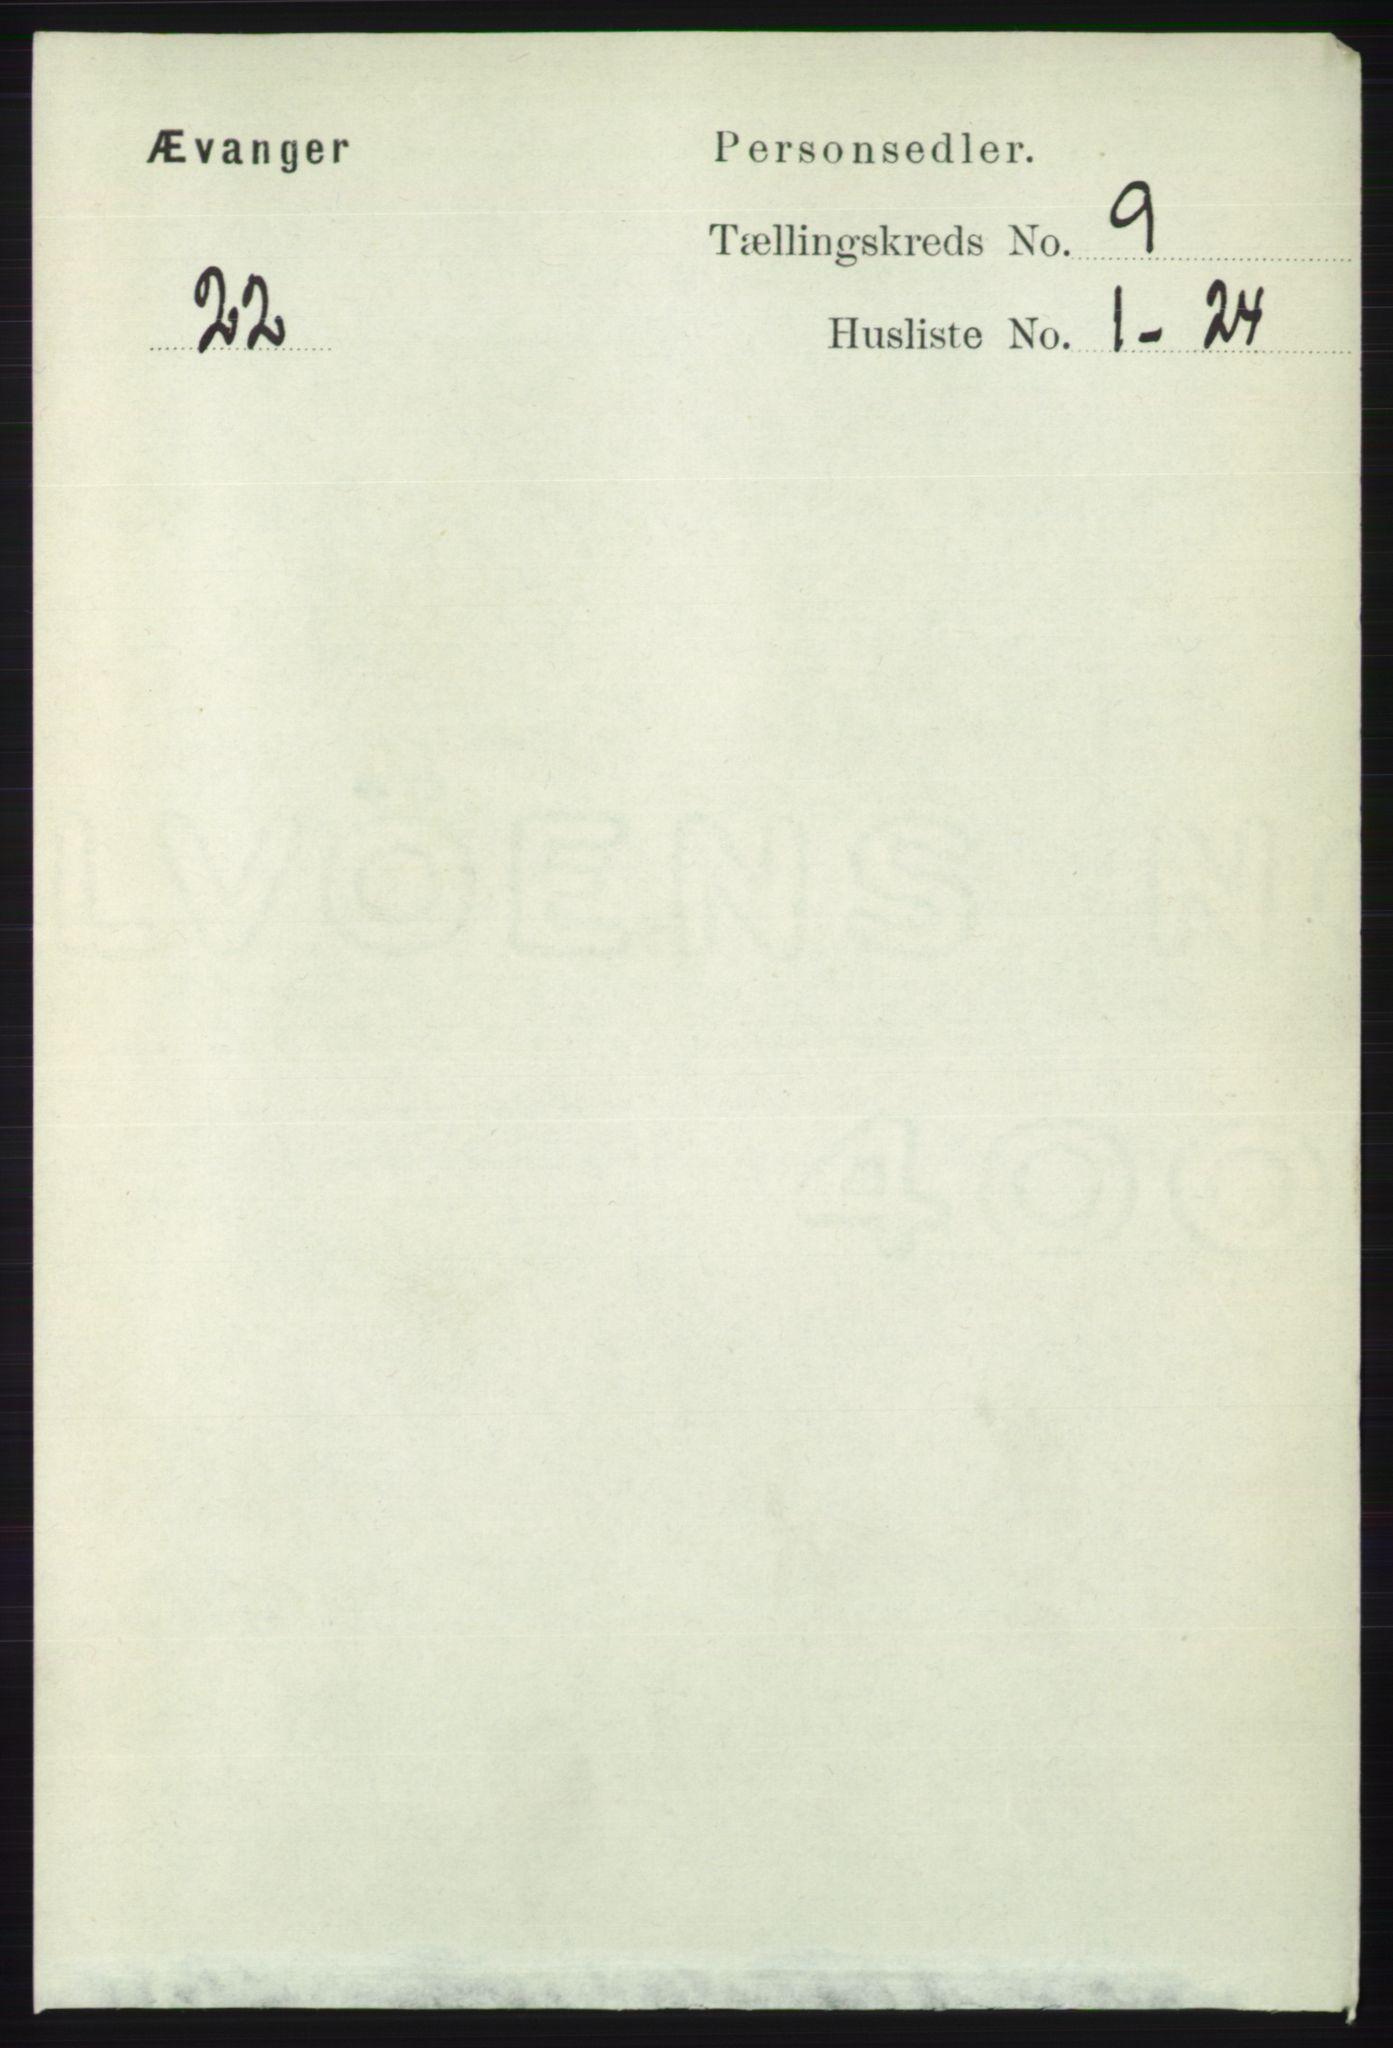 RA, Folketelling 1891 for 1237 Evanger herred, 1891, s. 2348